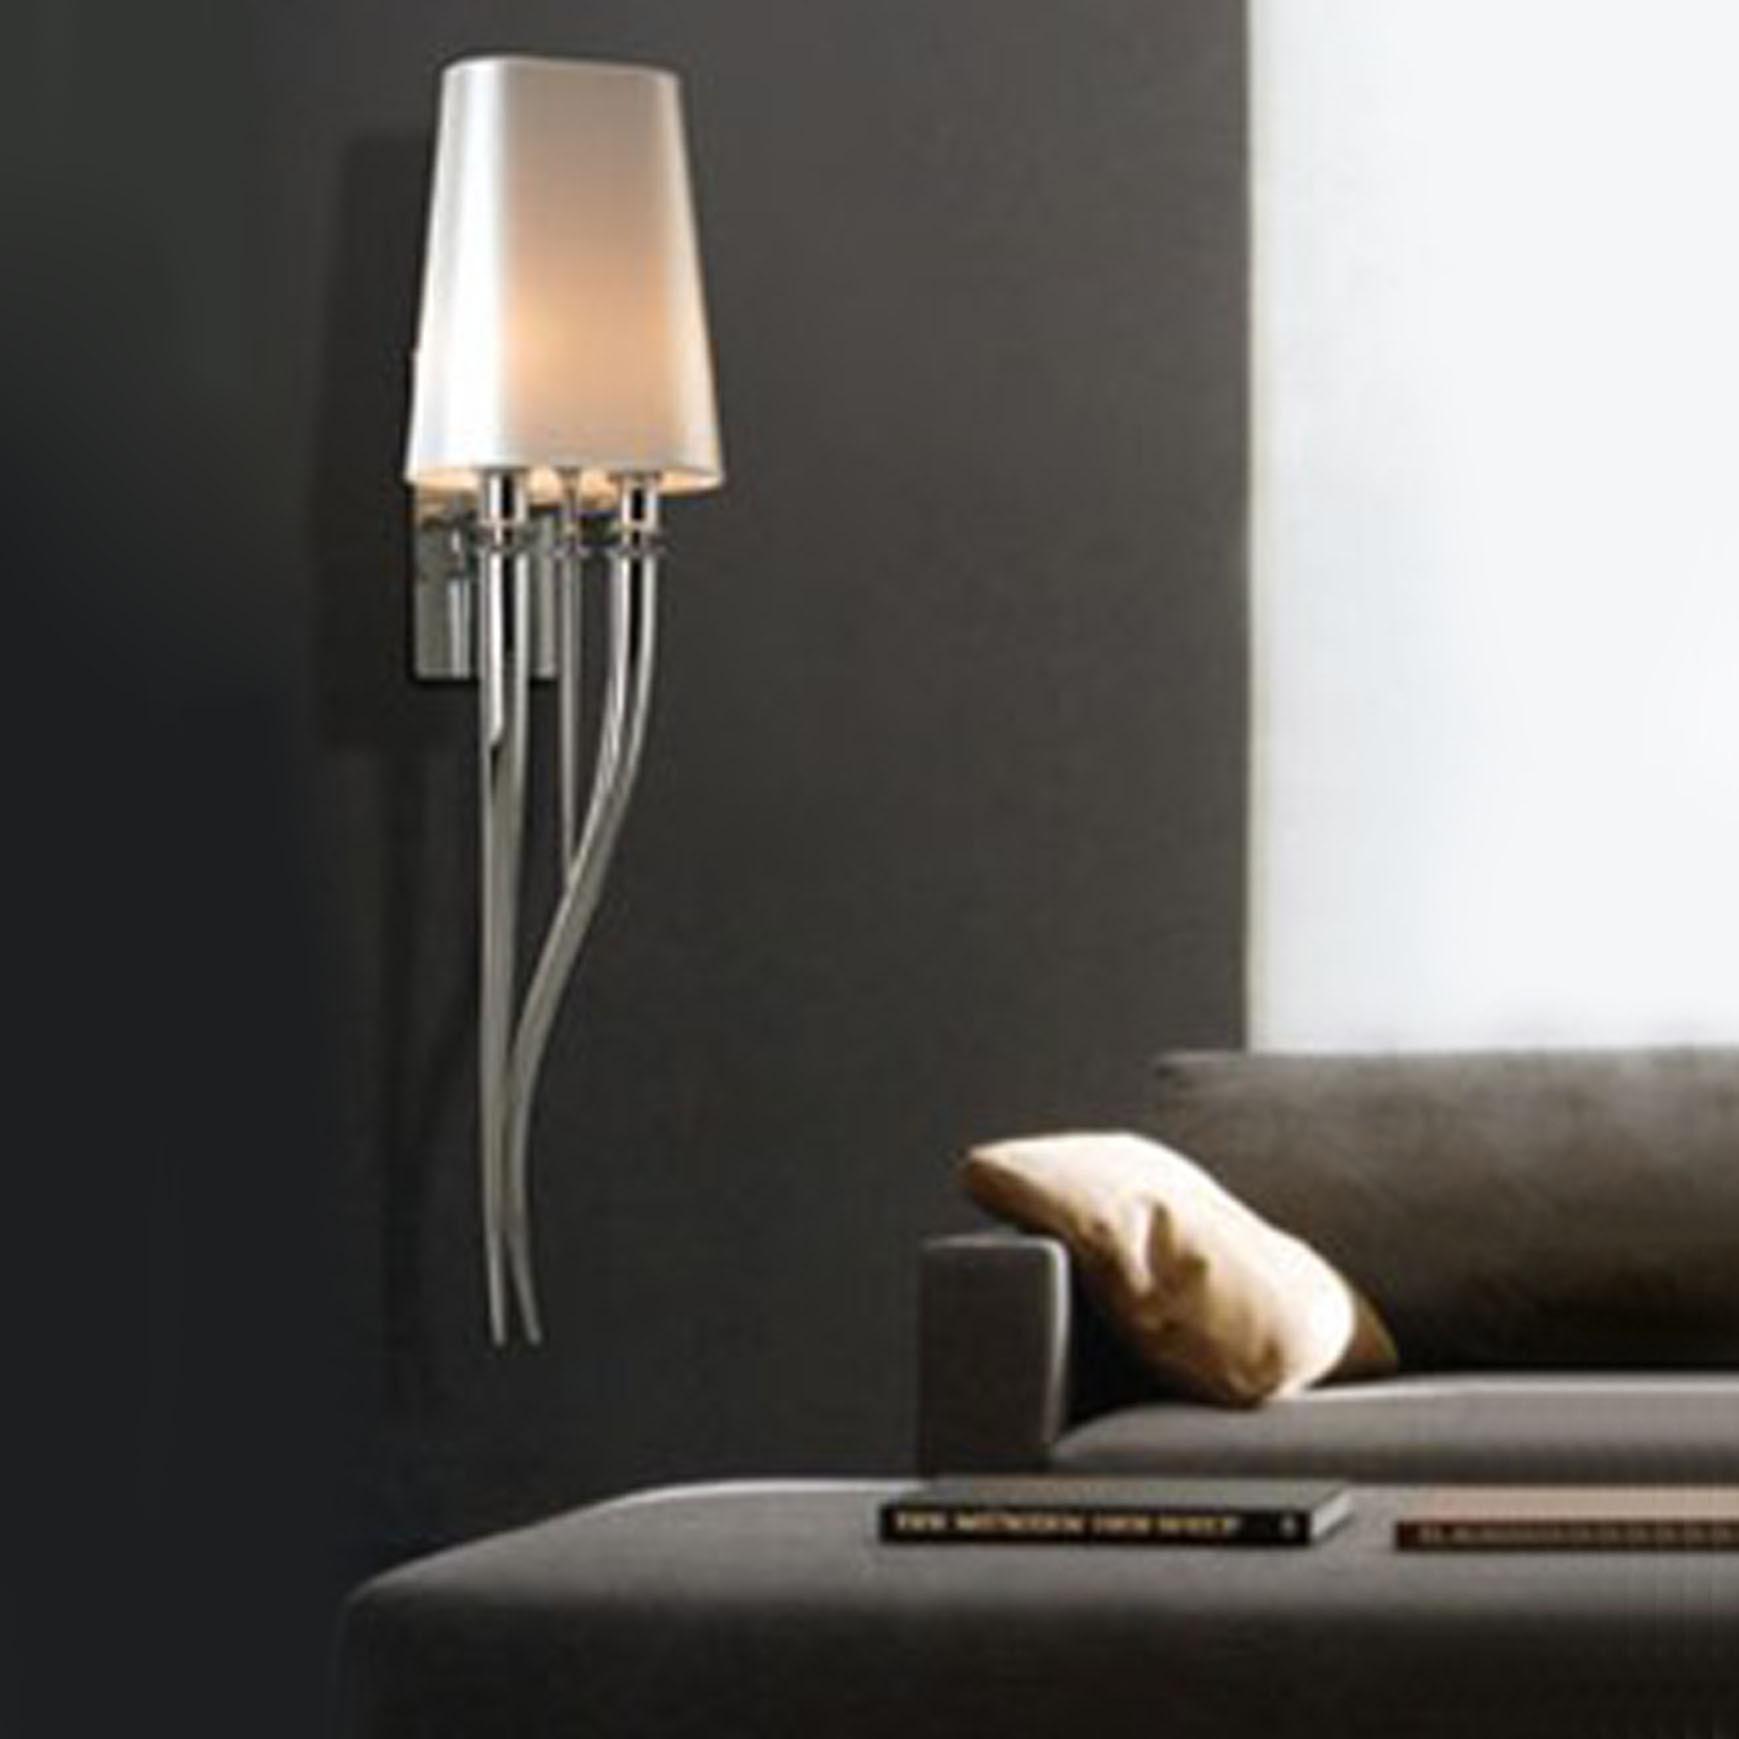 Lampade comodino ikea una collezione di idee per idee di - Lampade da camera ...